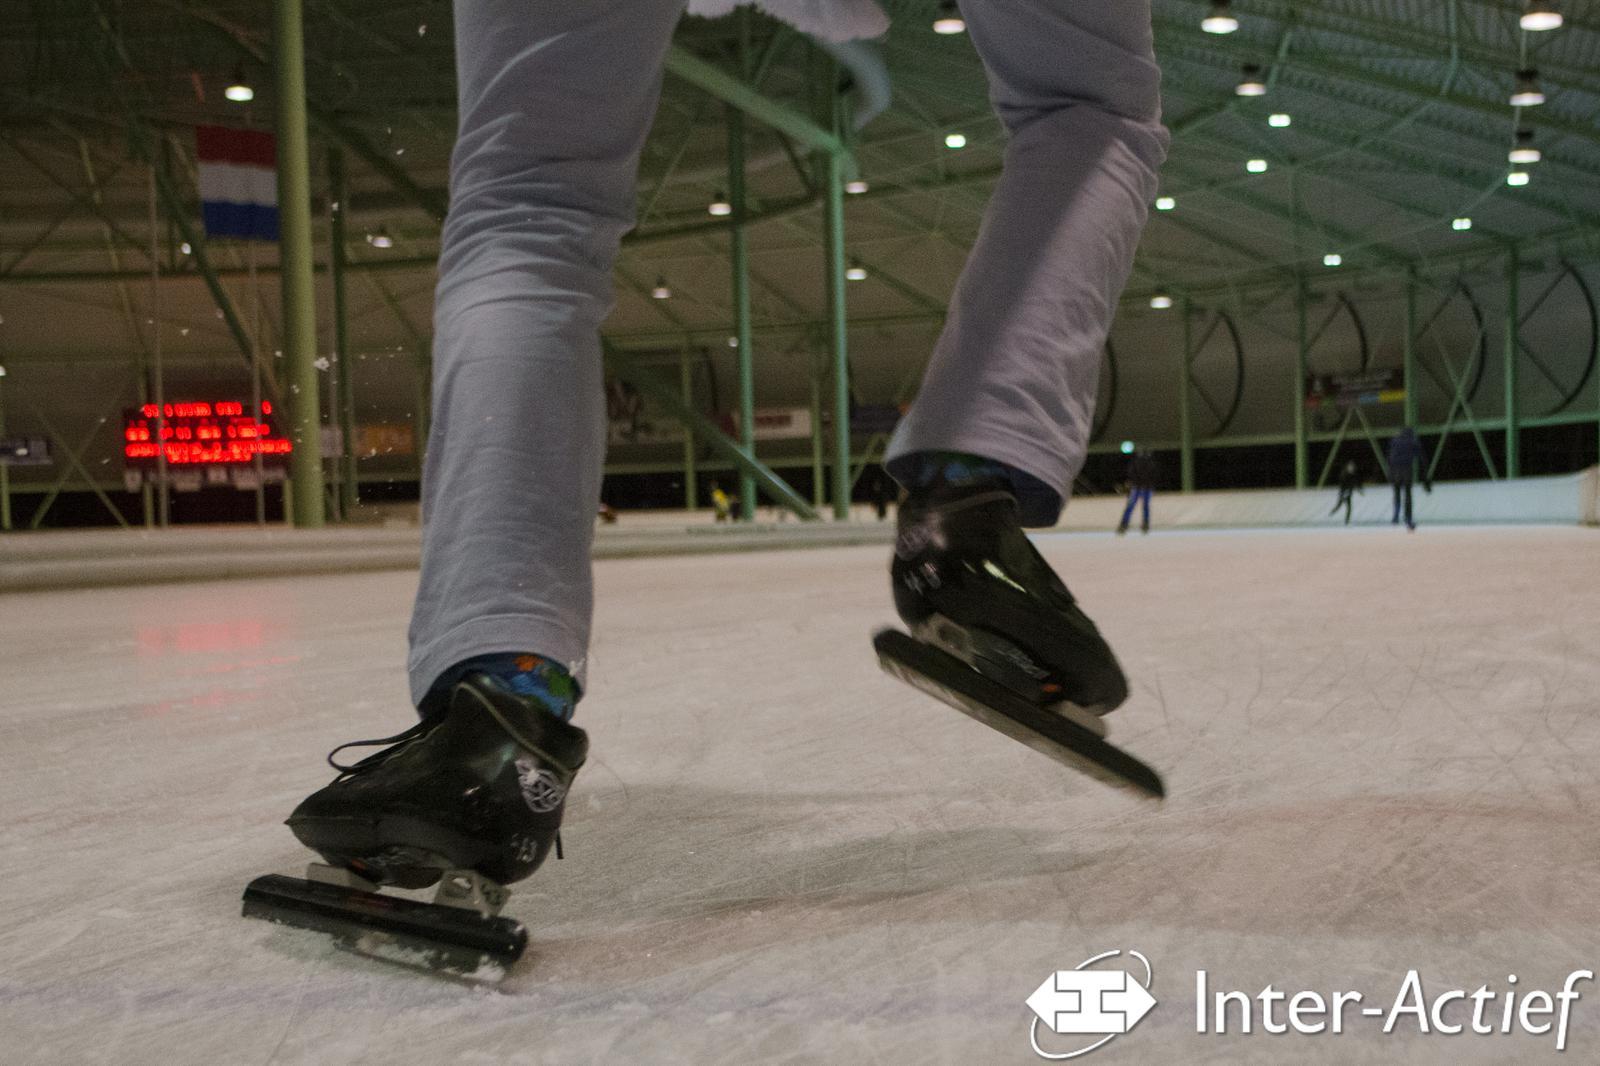 IceSkating20200116_NielsdeGroot-67.jpg